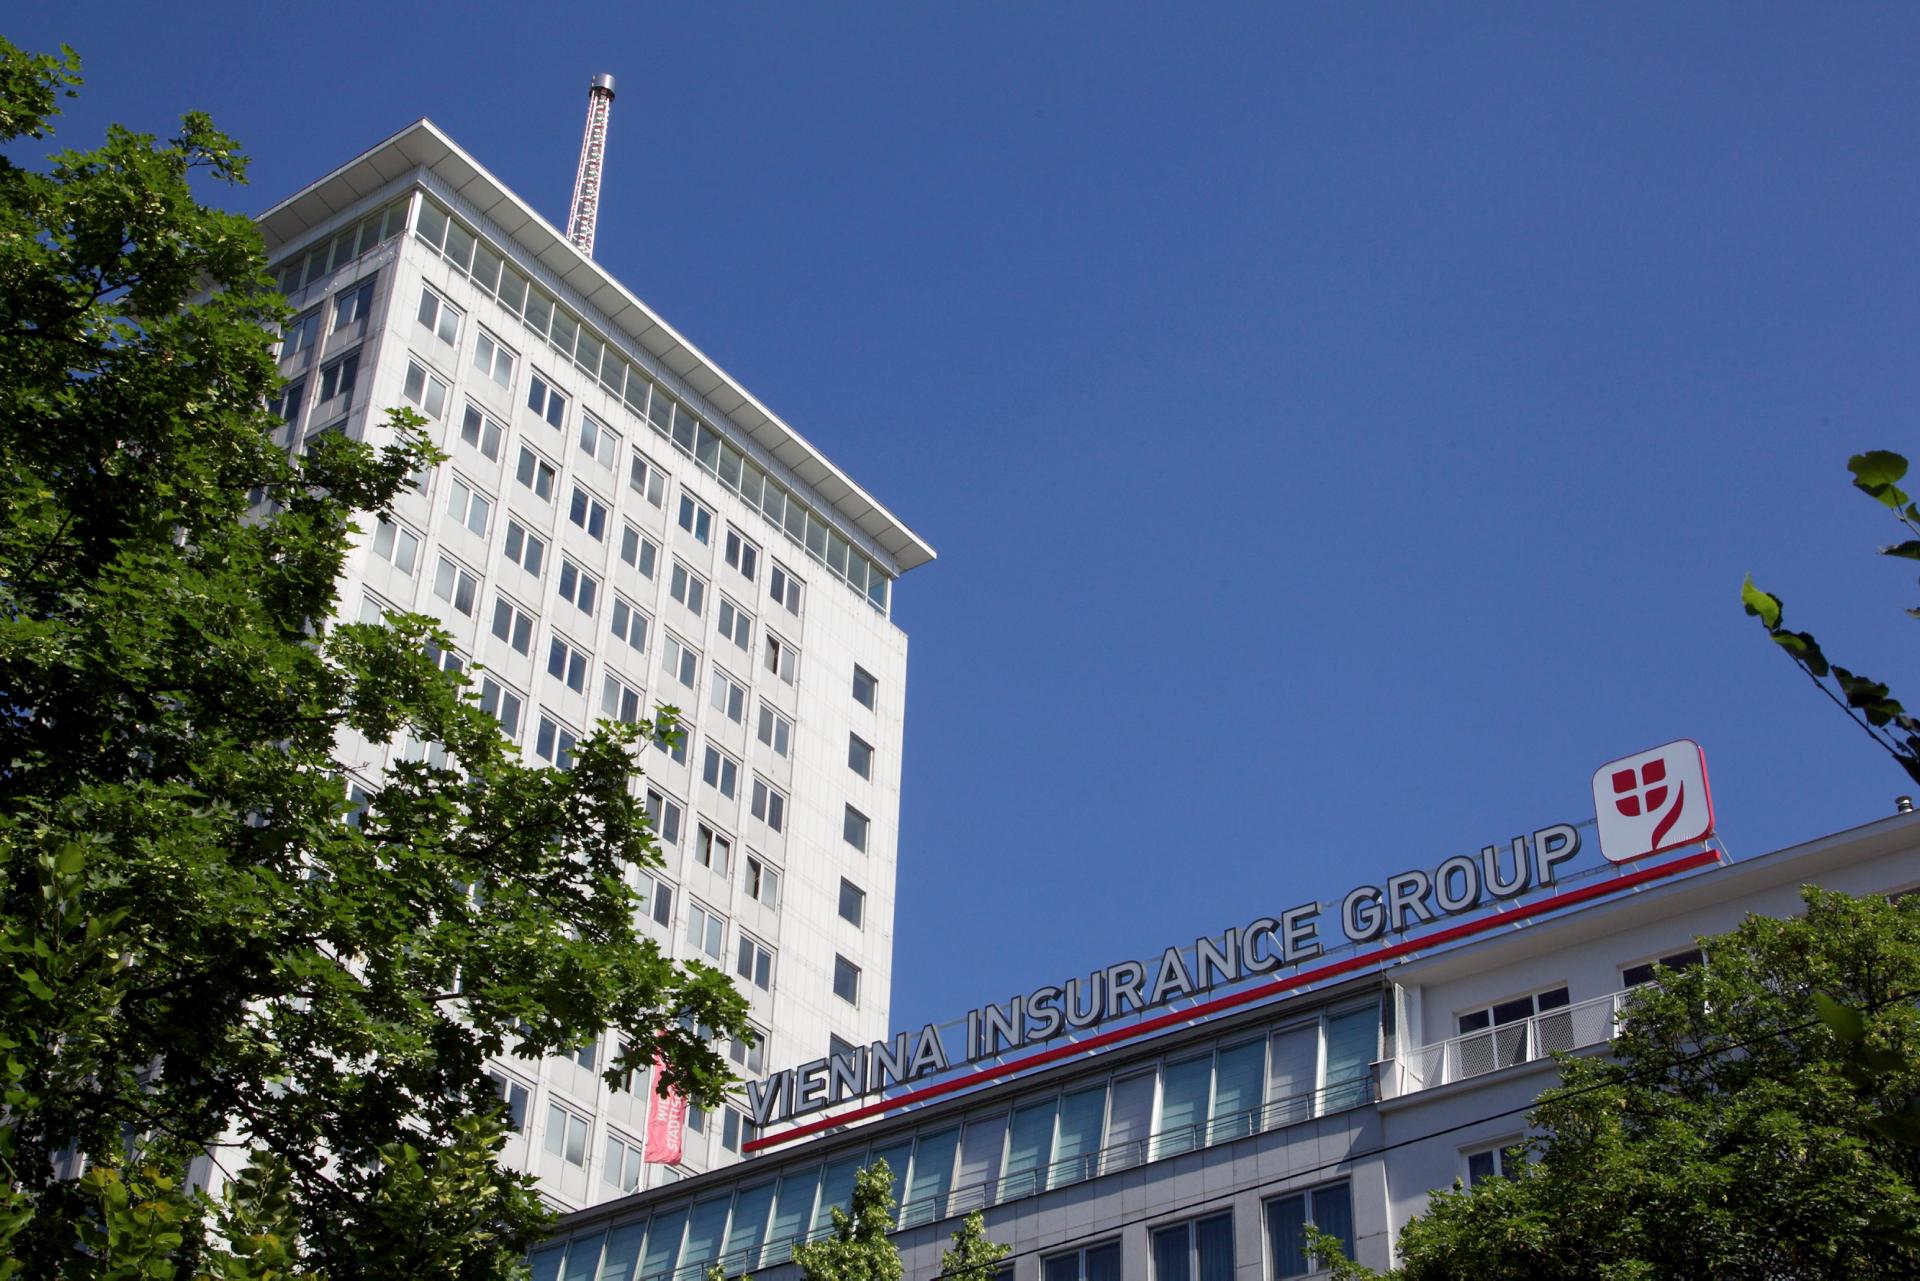 Sídlo pojišťovny Vienna Insurance Group